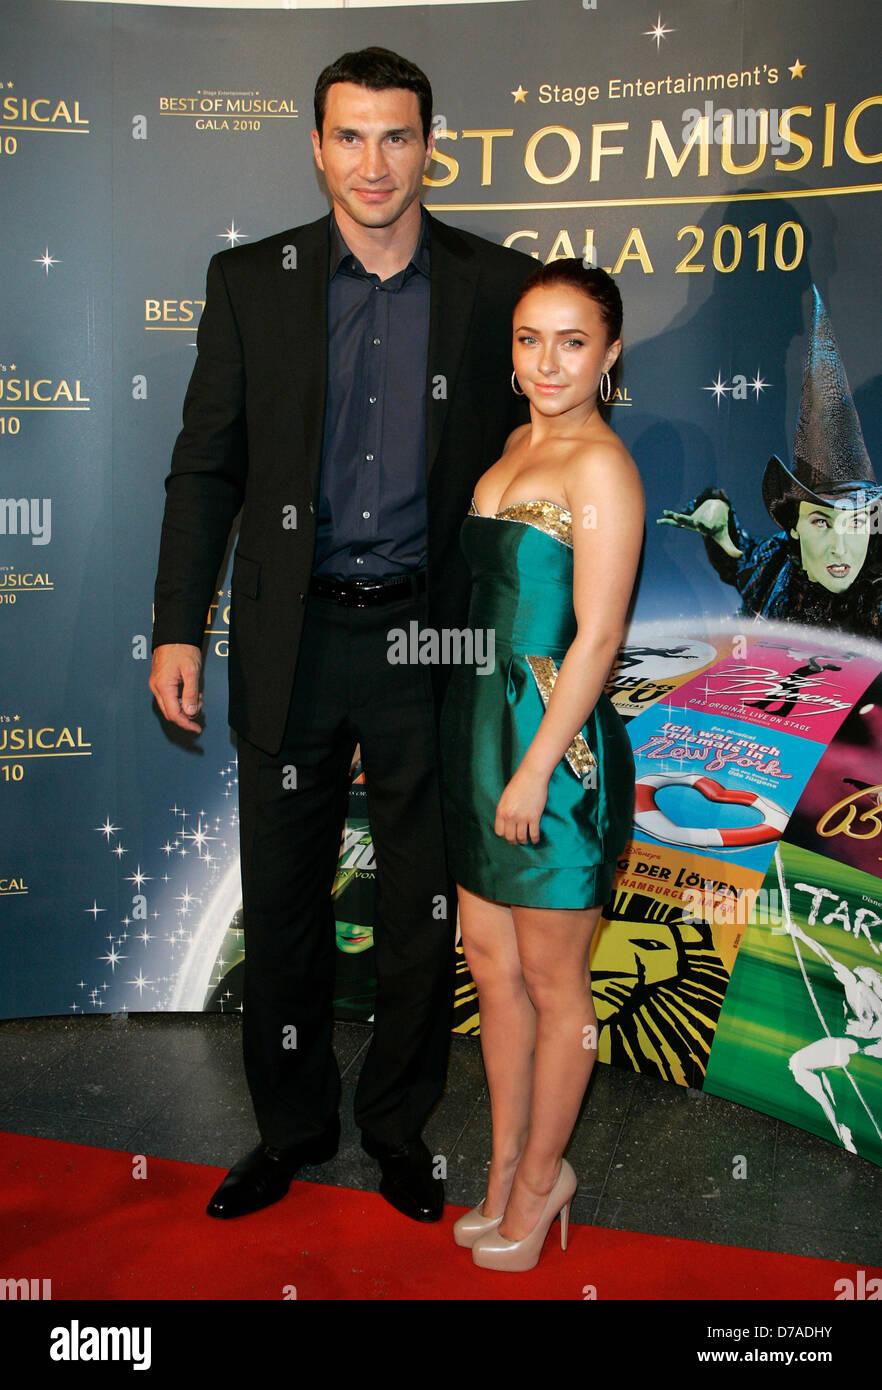 Wladimir Klitschko And His Girlfriend Hayden Panettiere At The Best